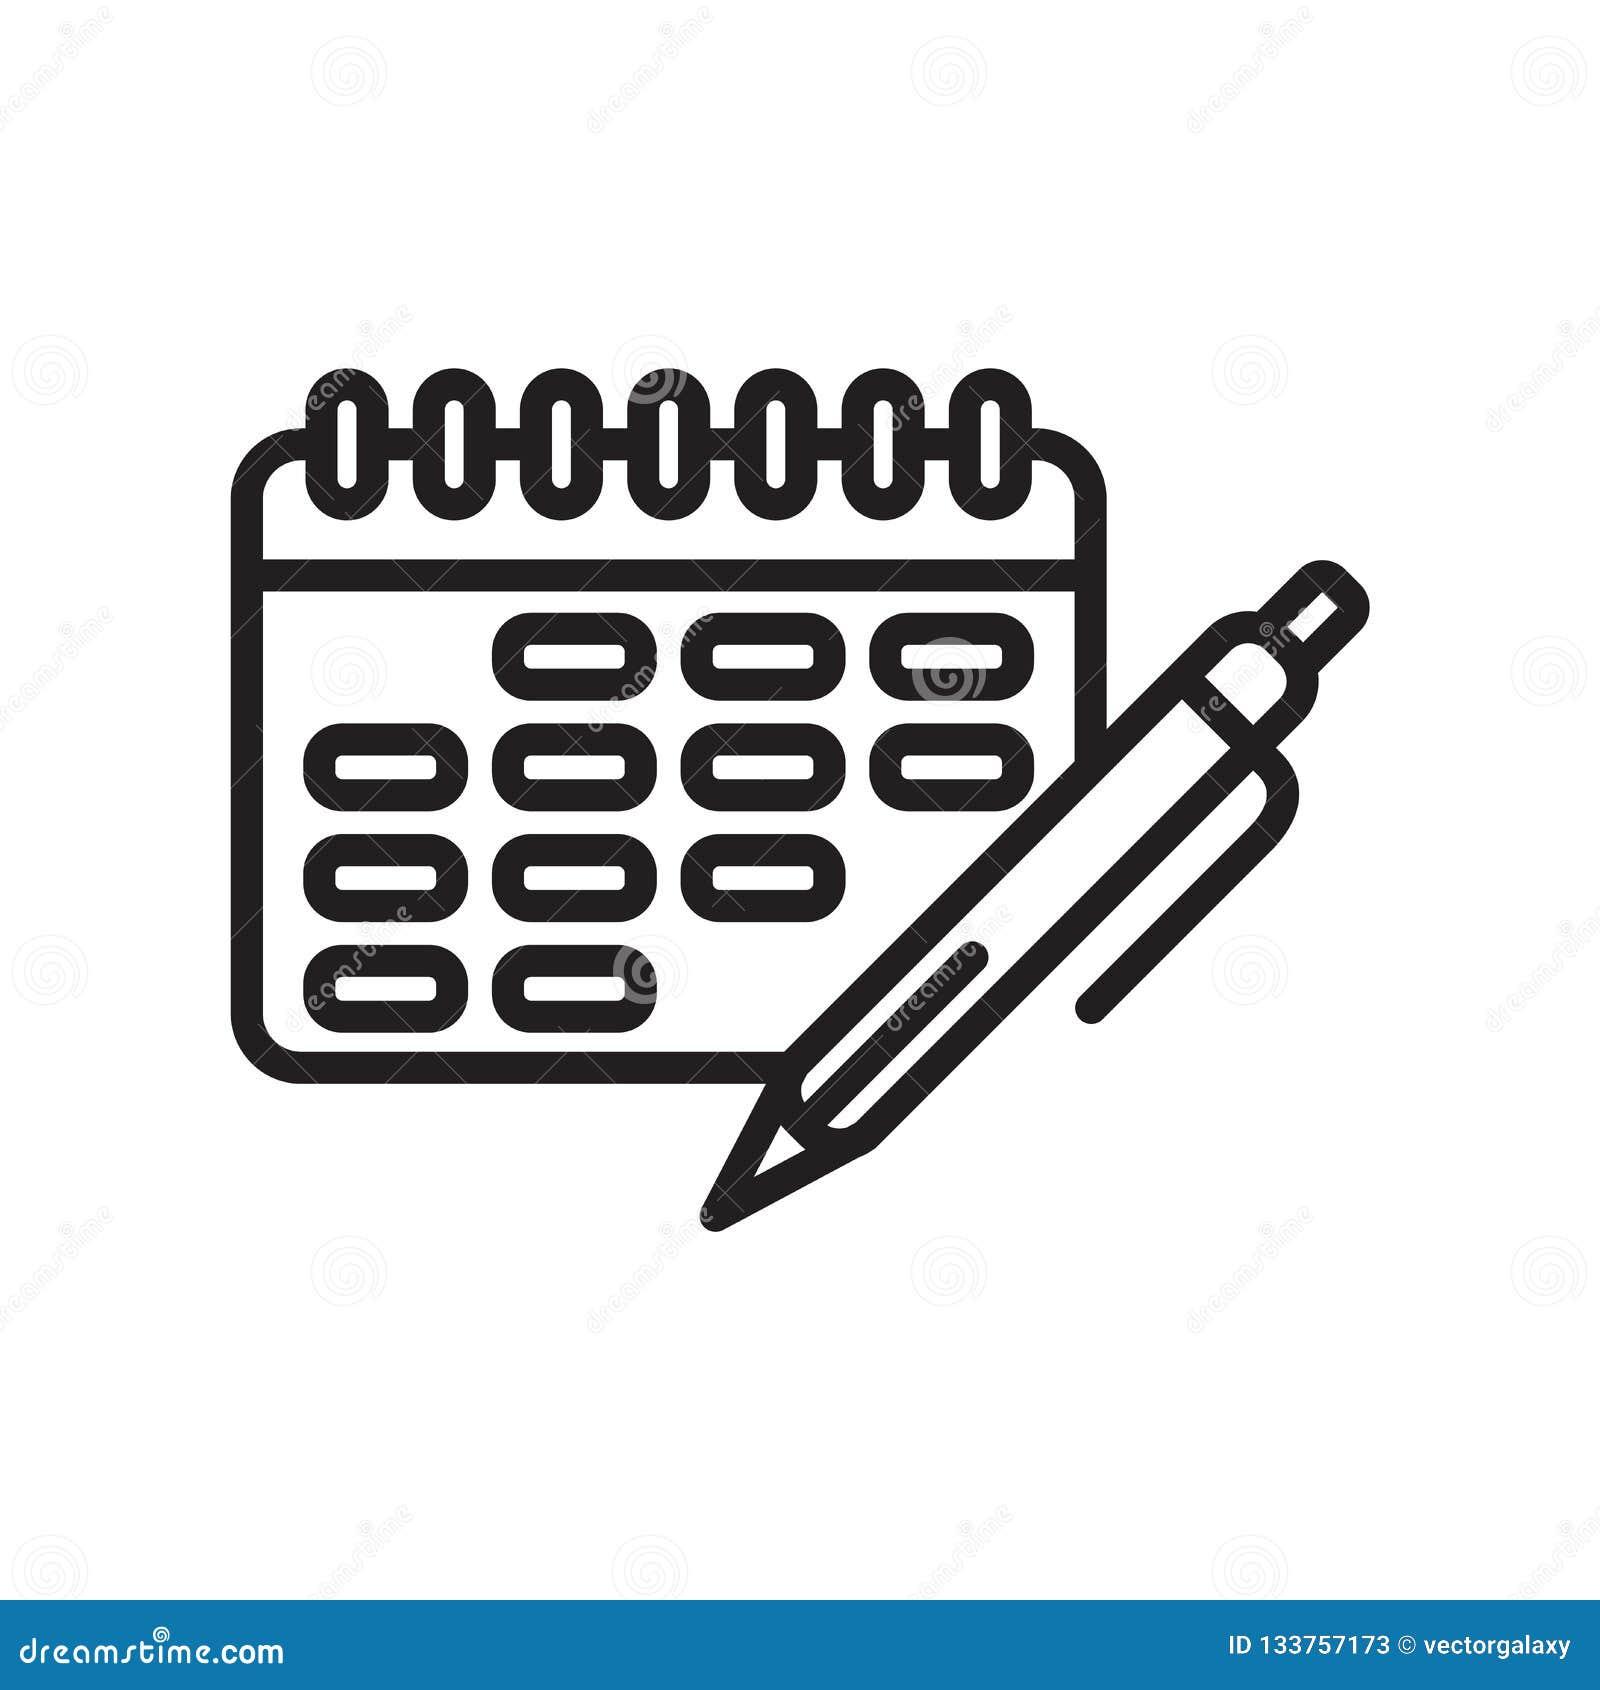 Calendar знак и символ вектора значка изолированные на белой предпосылке, концепции логотипа календаря